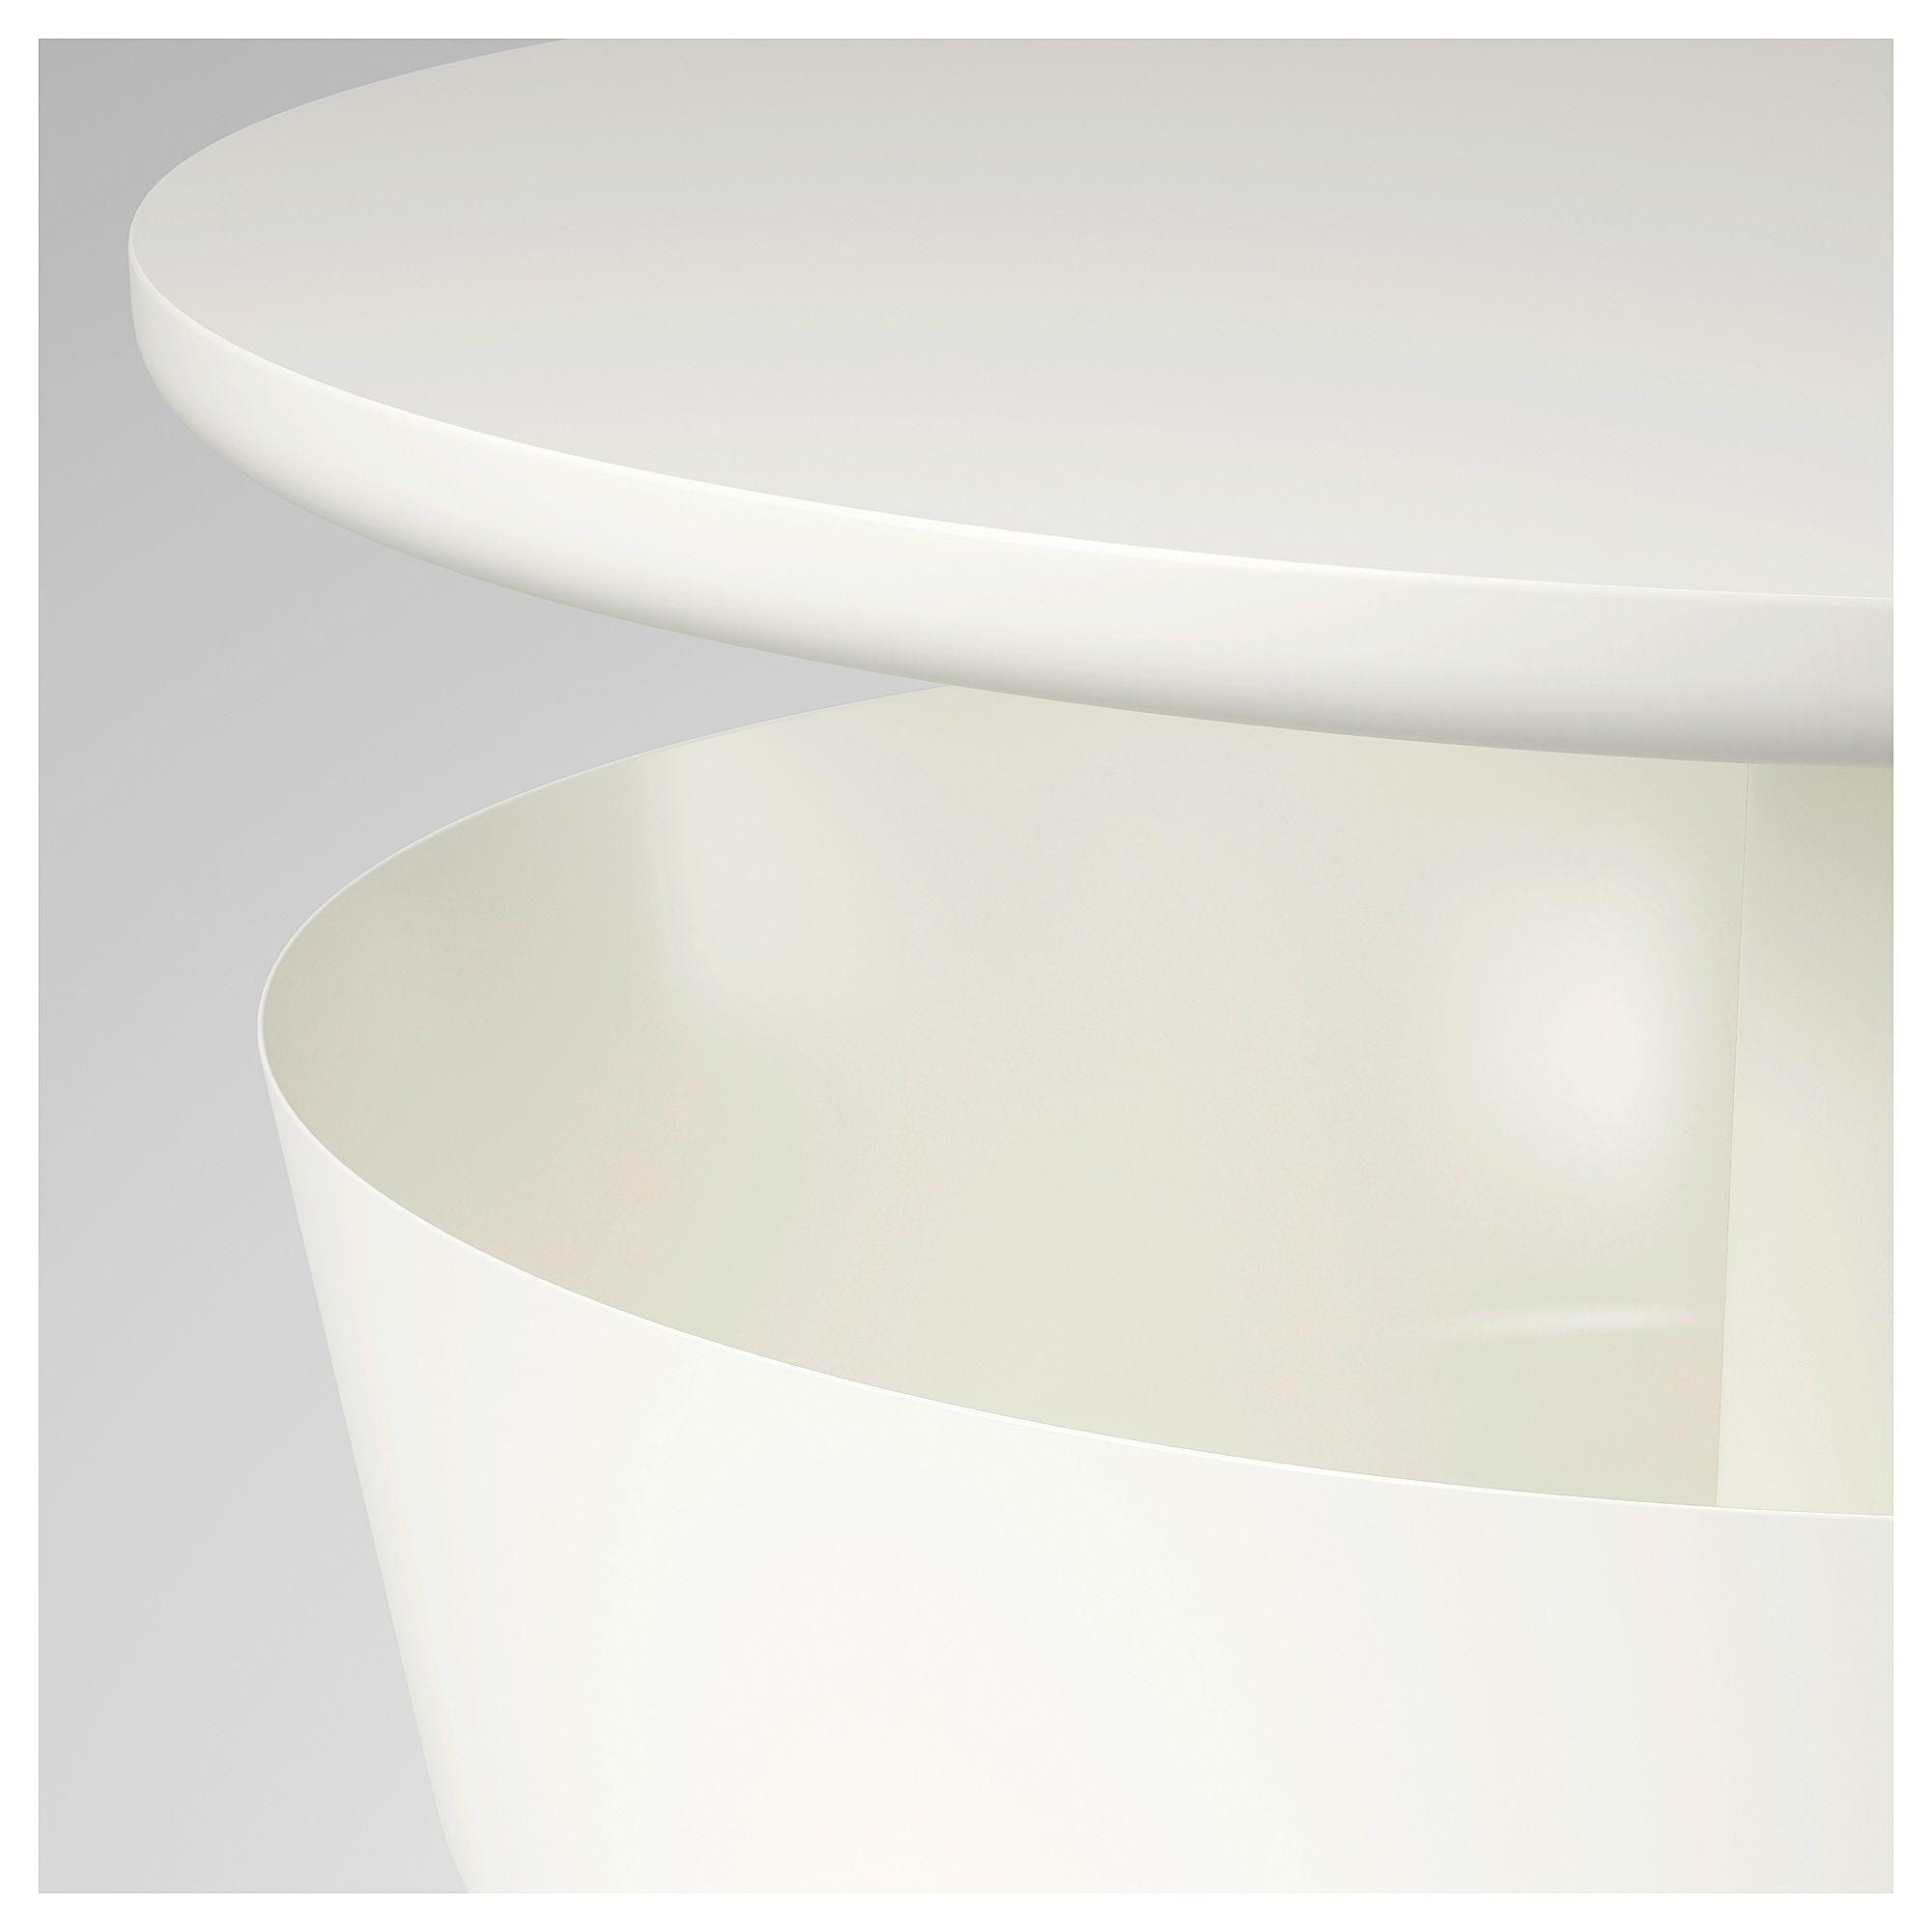 Ikea Lierskogen Nightstand White White Nightstand Bedside Table Ikea Ikea